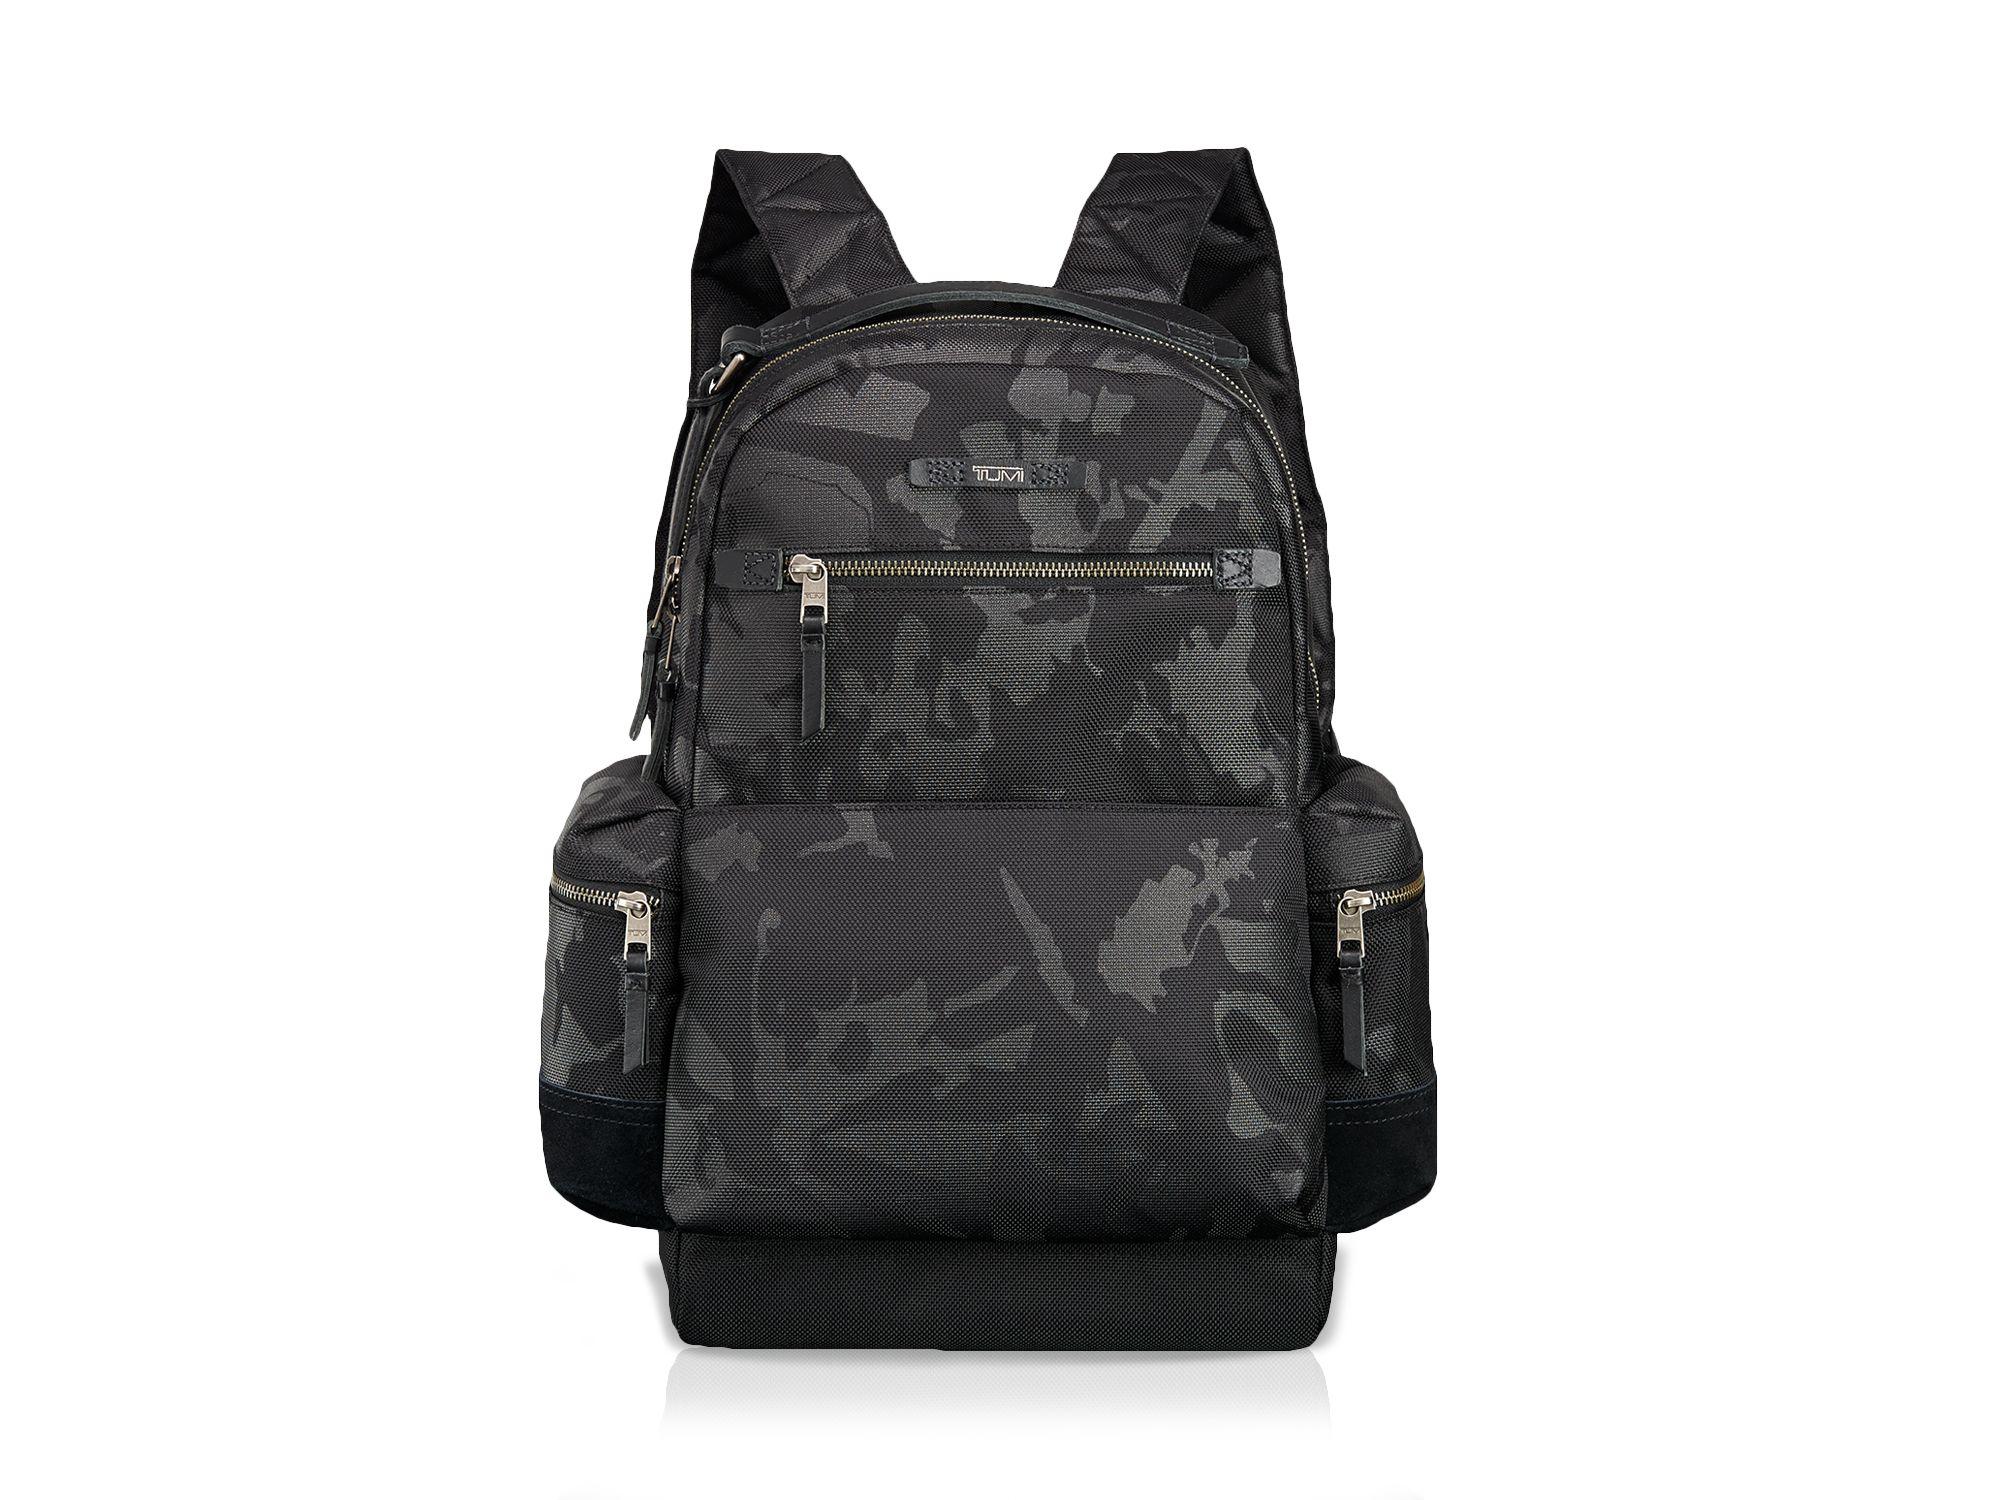 Tumi Dalston Massie Backpack in Black Camo (Black)